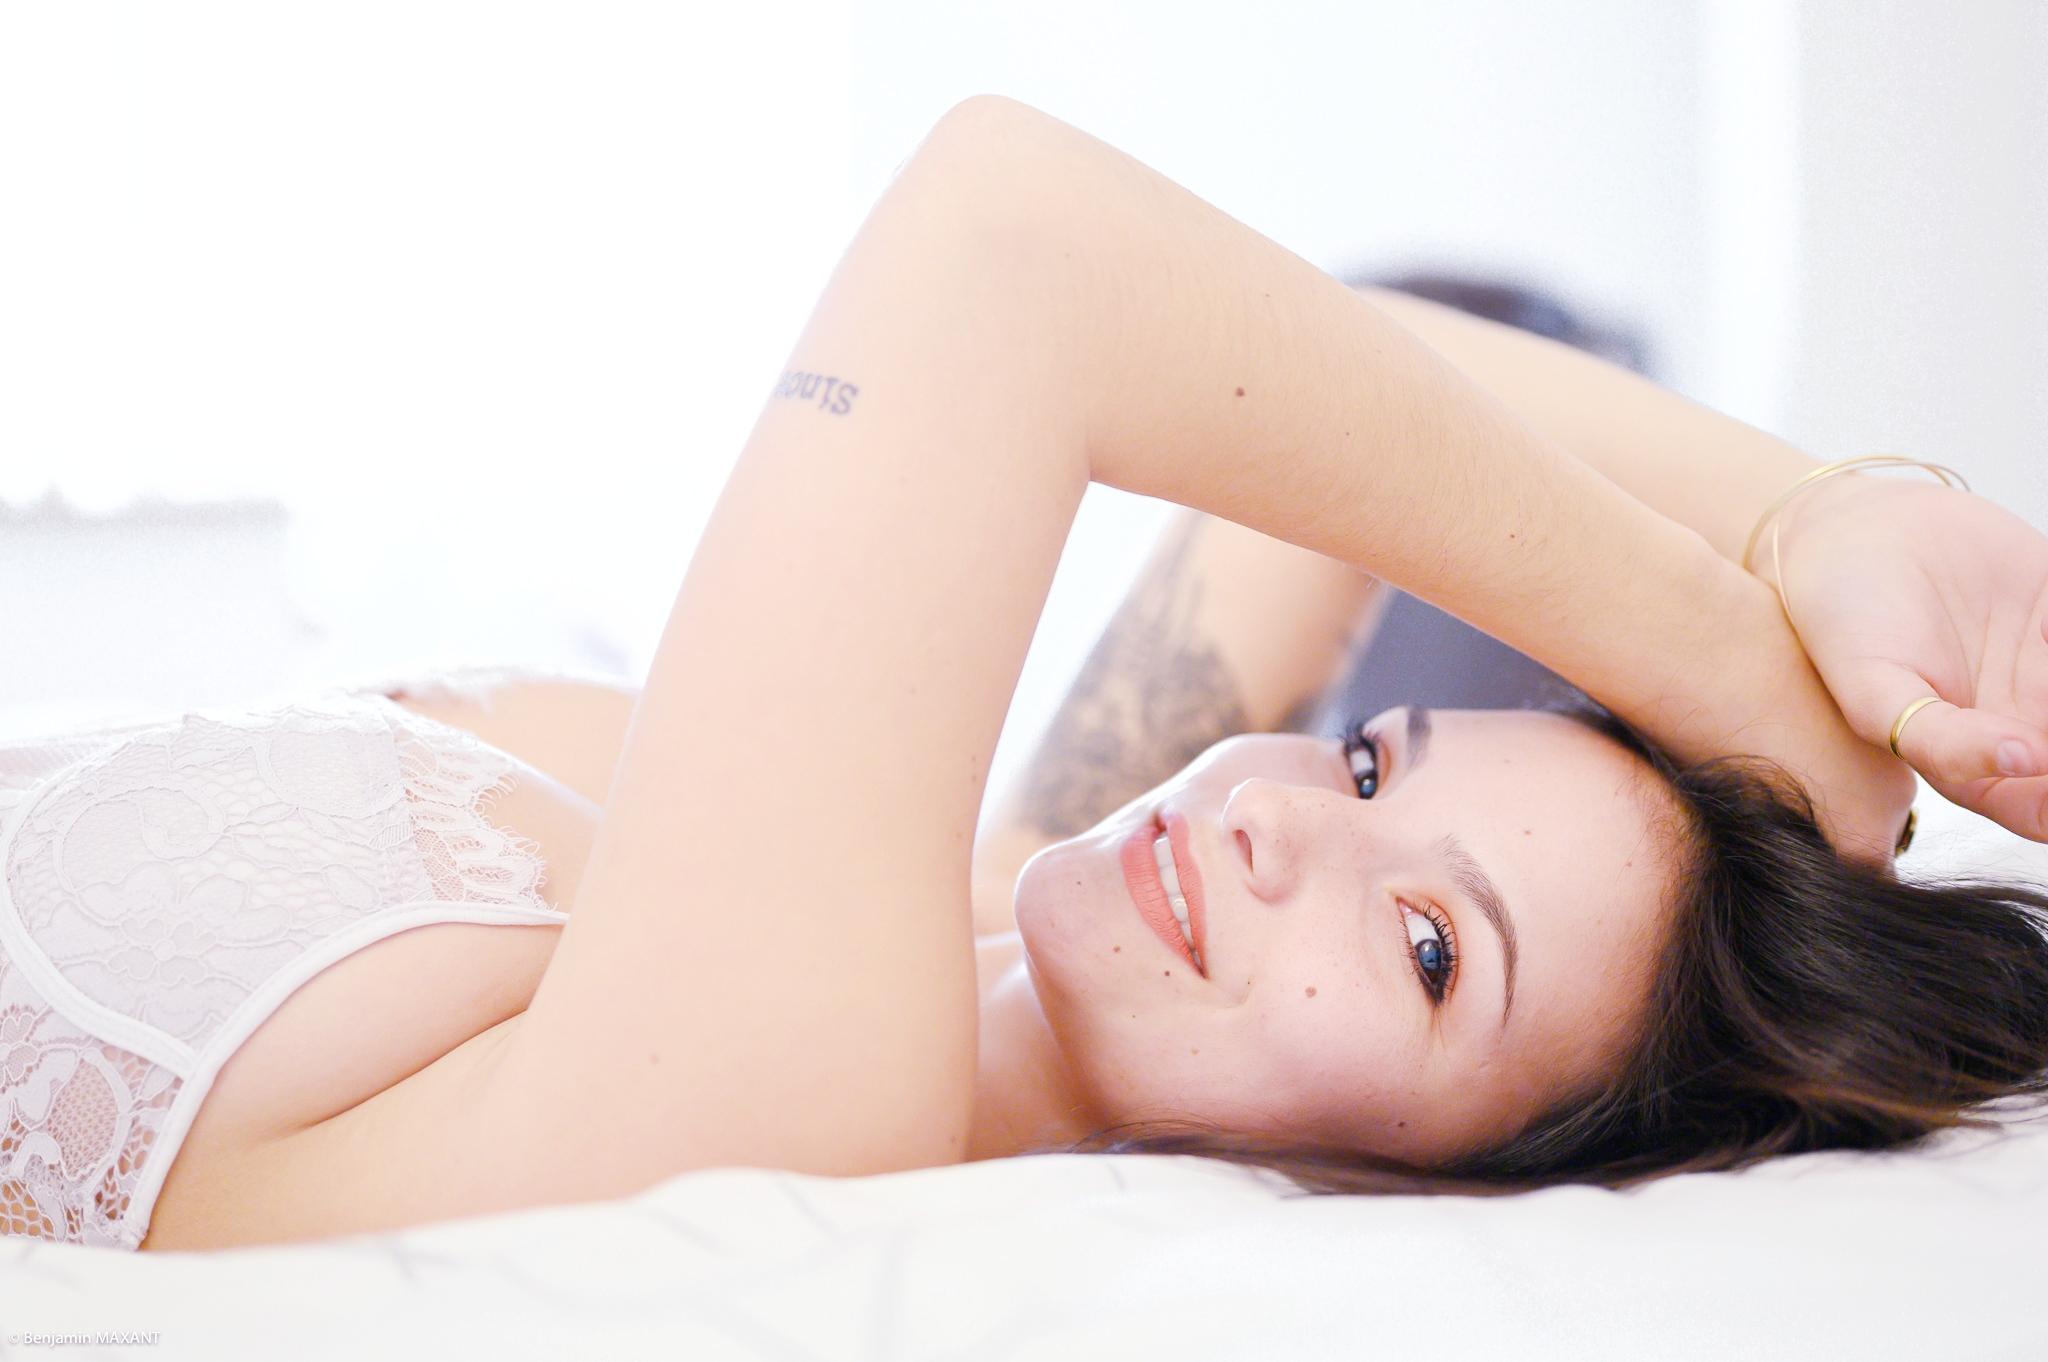 Séance photo boudoir avec Cléa body blanc allongée sur le lit